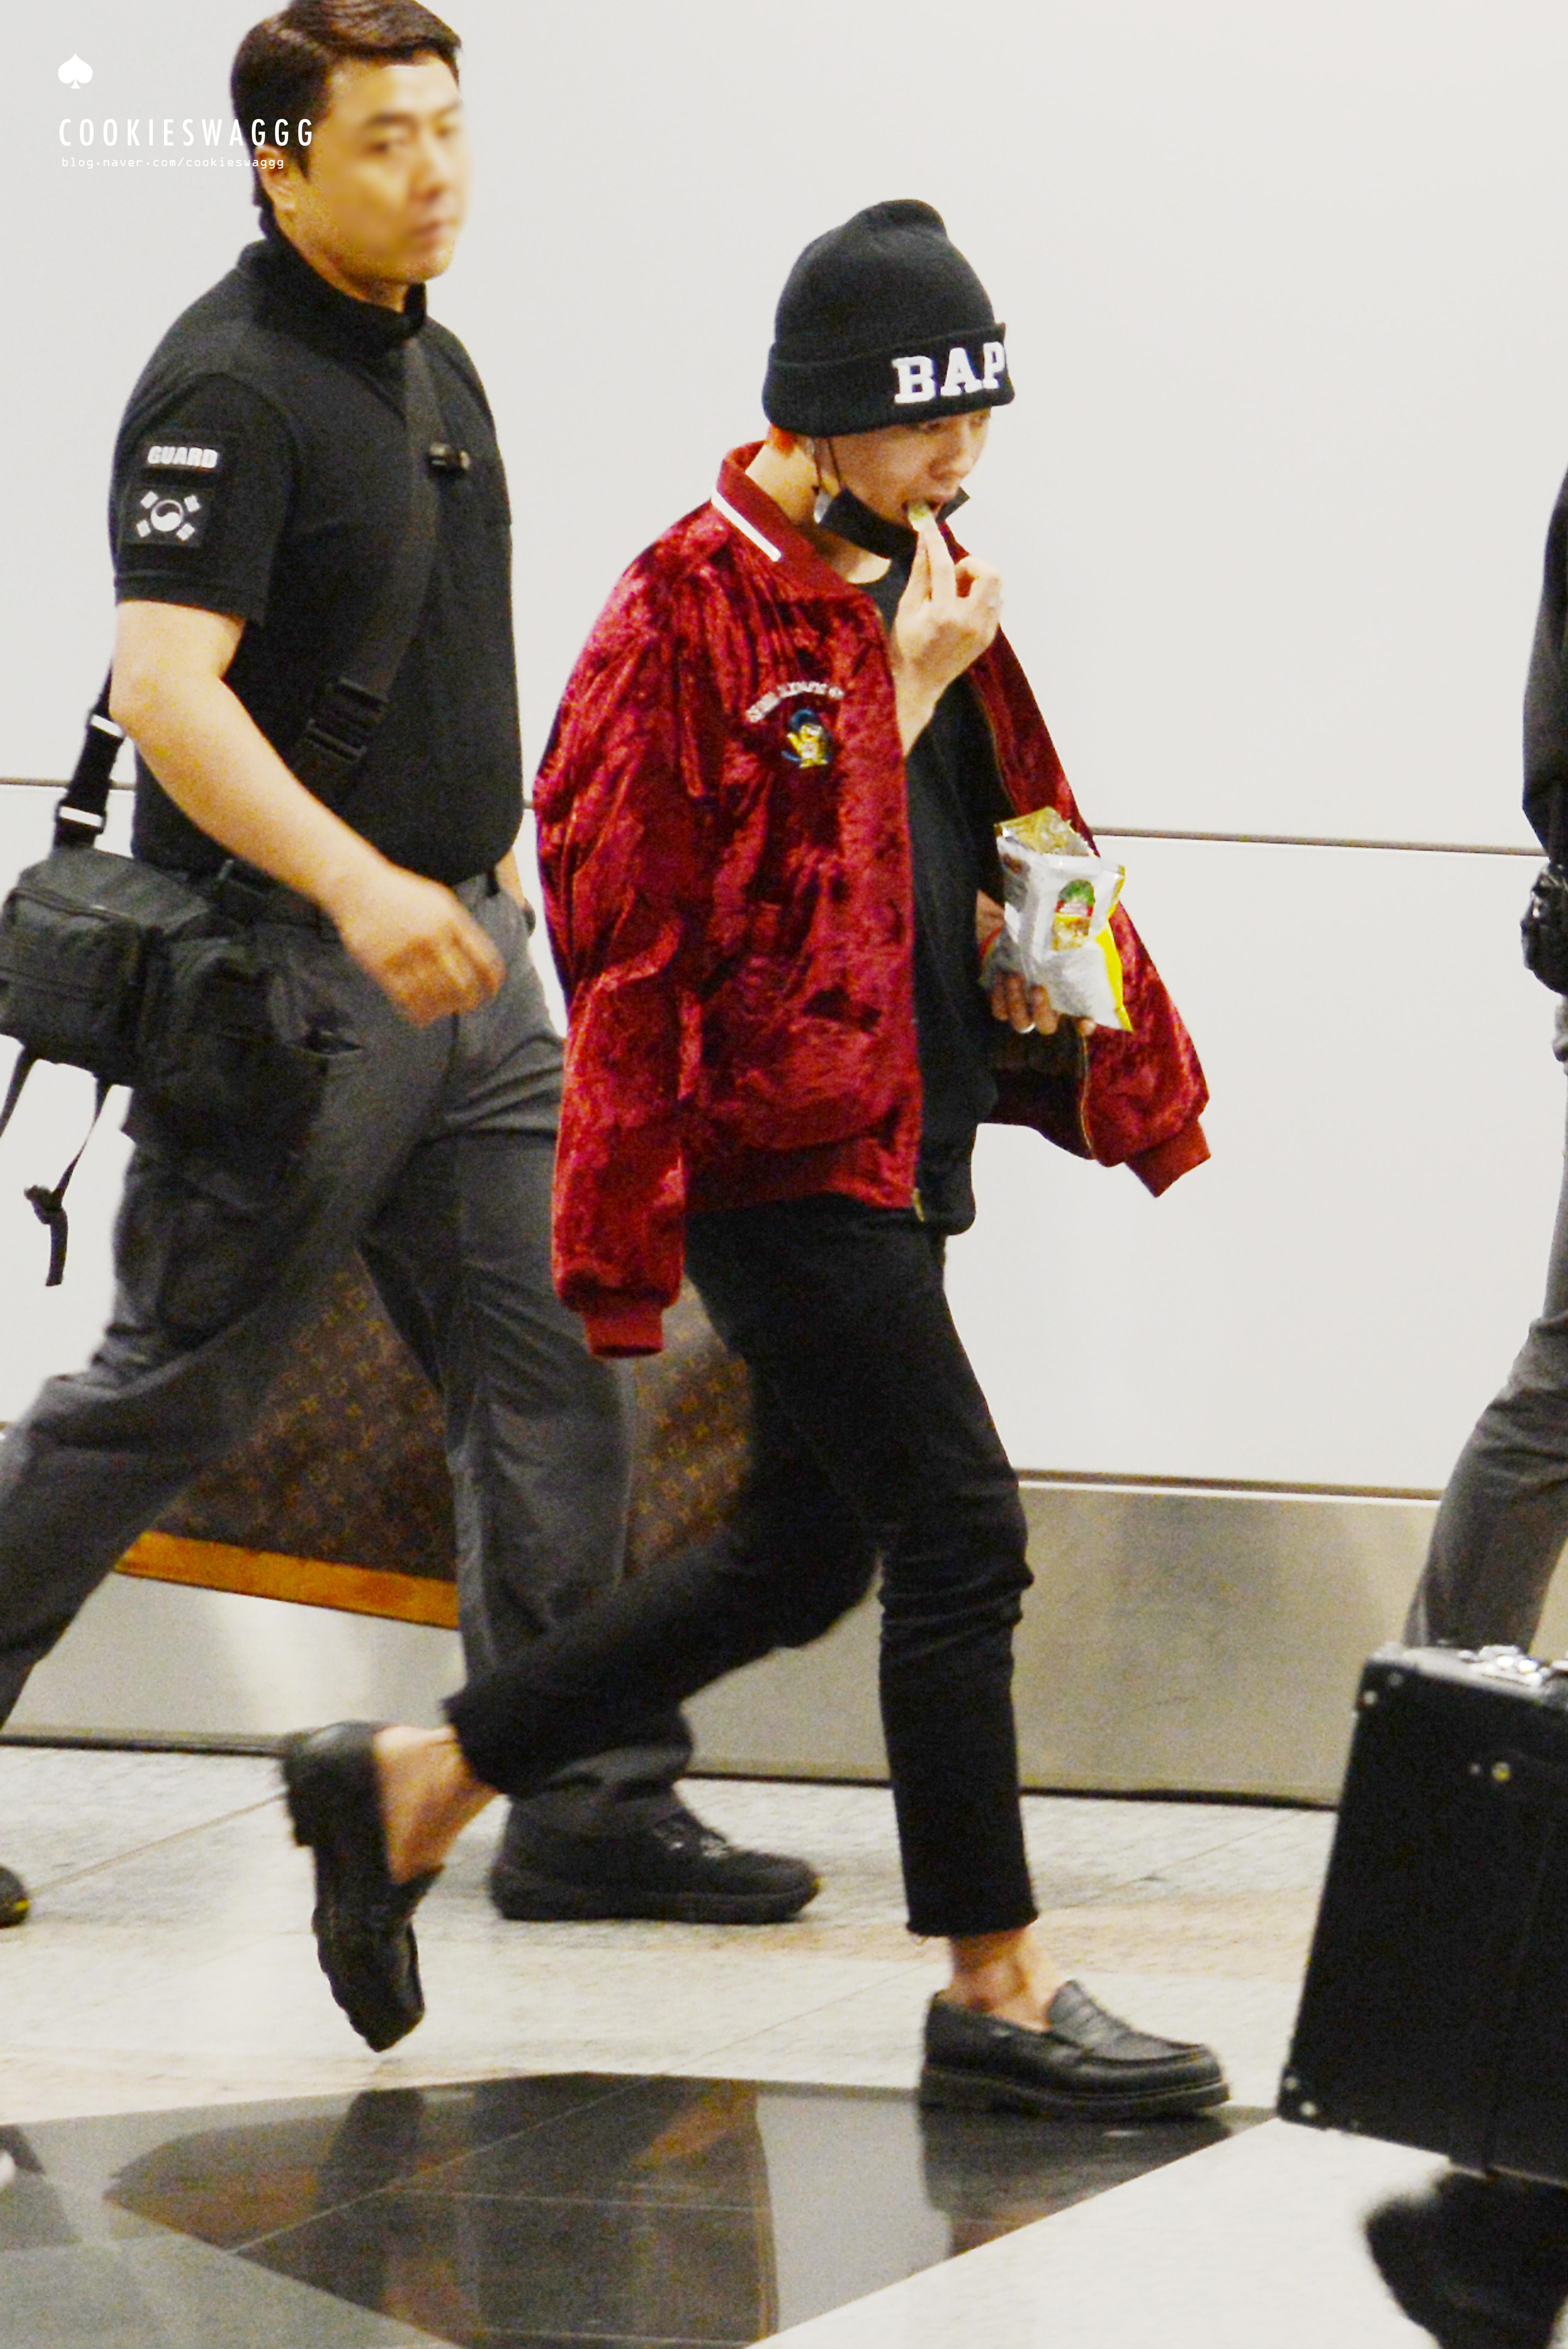 BIGBANG - Malaysia Airport - 25jul2015 - cookieswaggg - 23.jpg